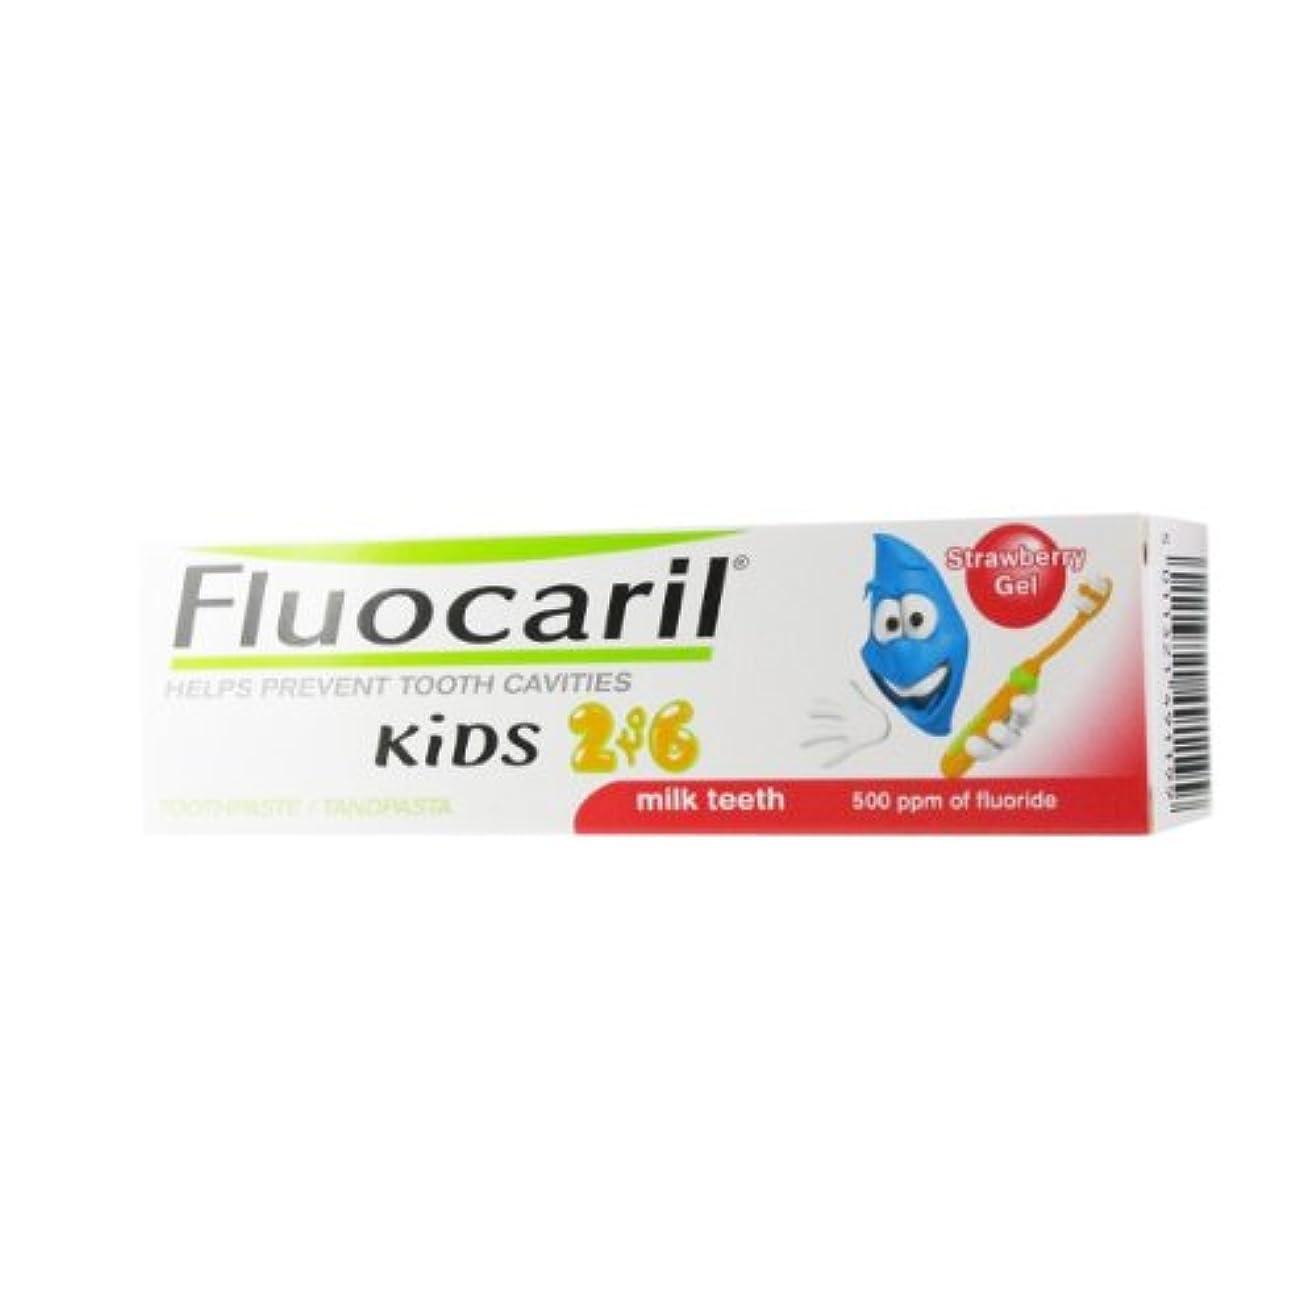 中絶追加フリルFluocaril Kids 2 To 6 Strawberry Gel 50ml [並行輸入品]